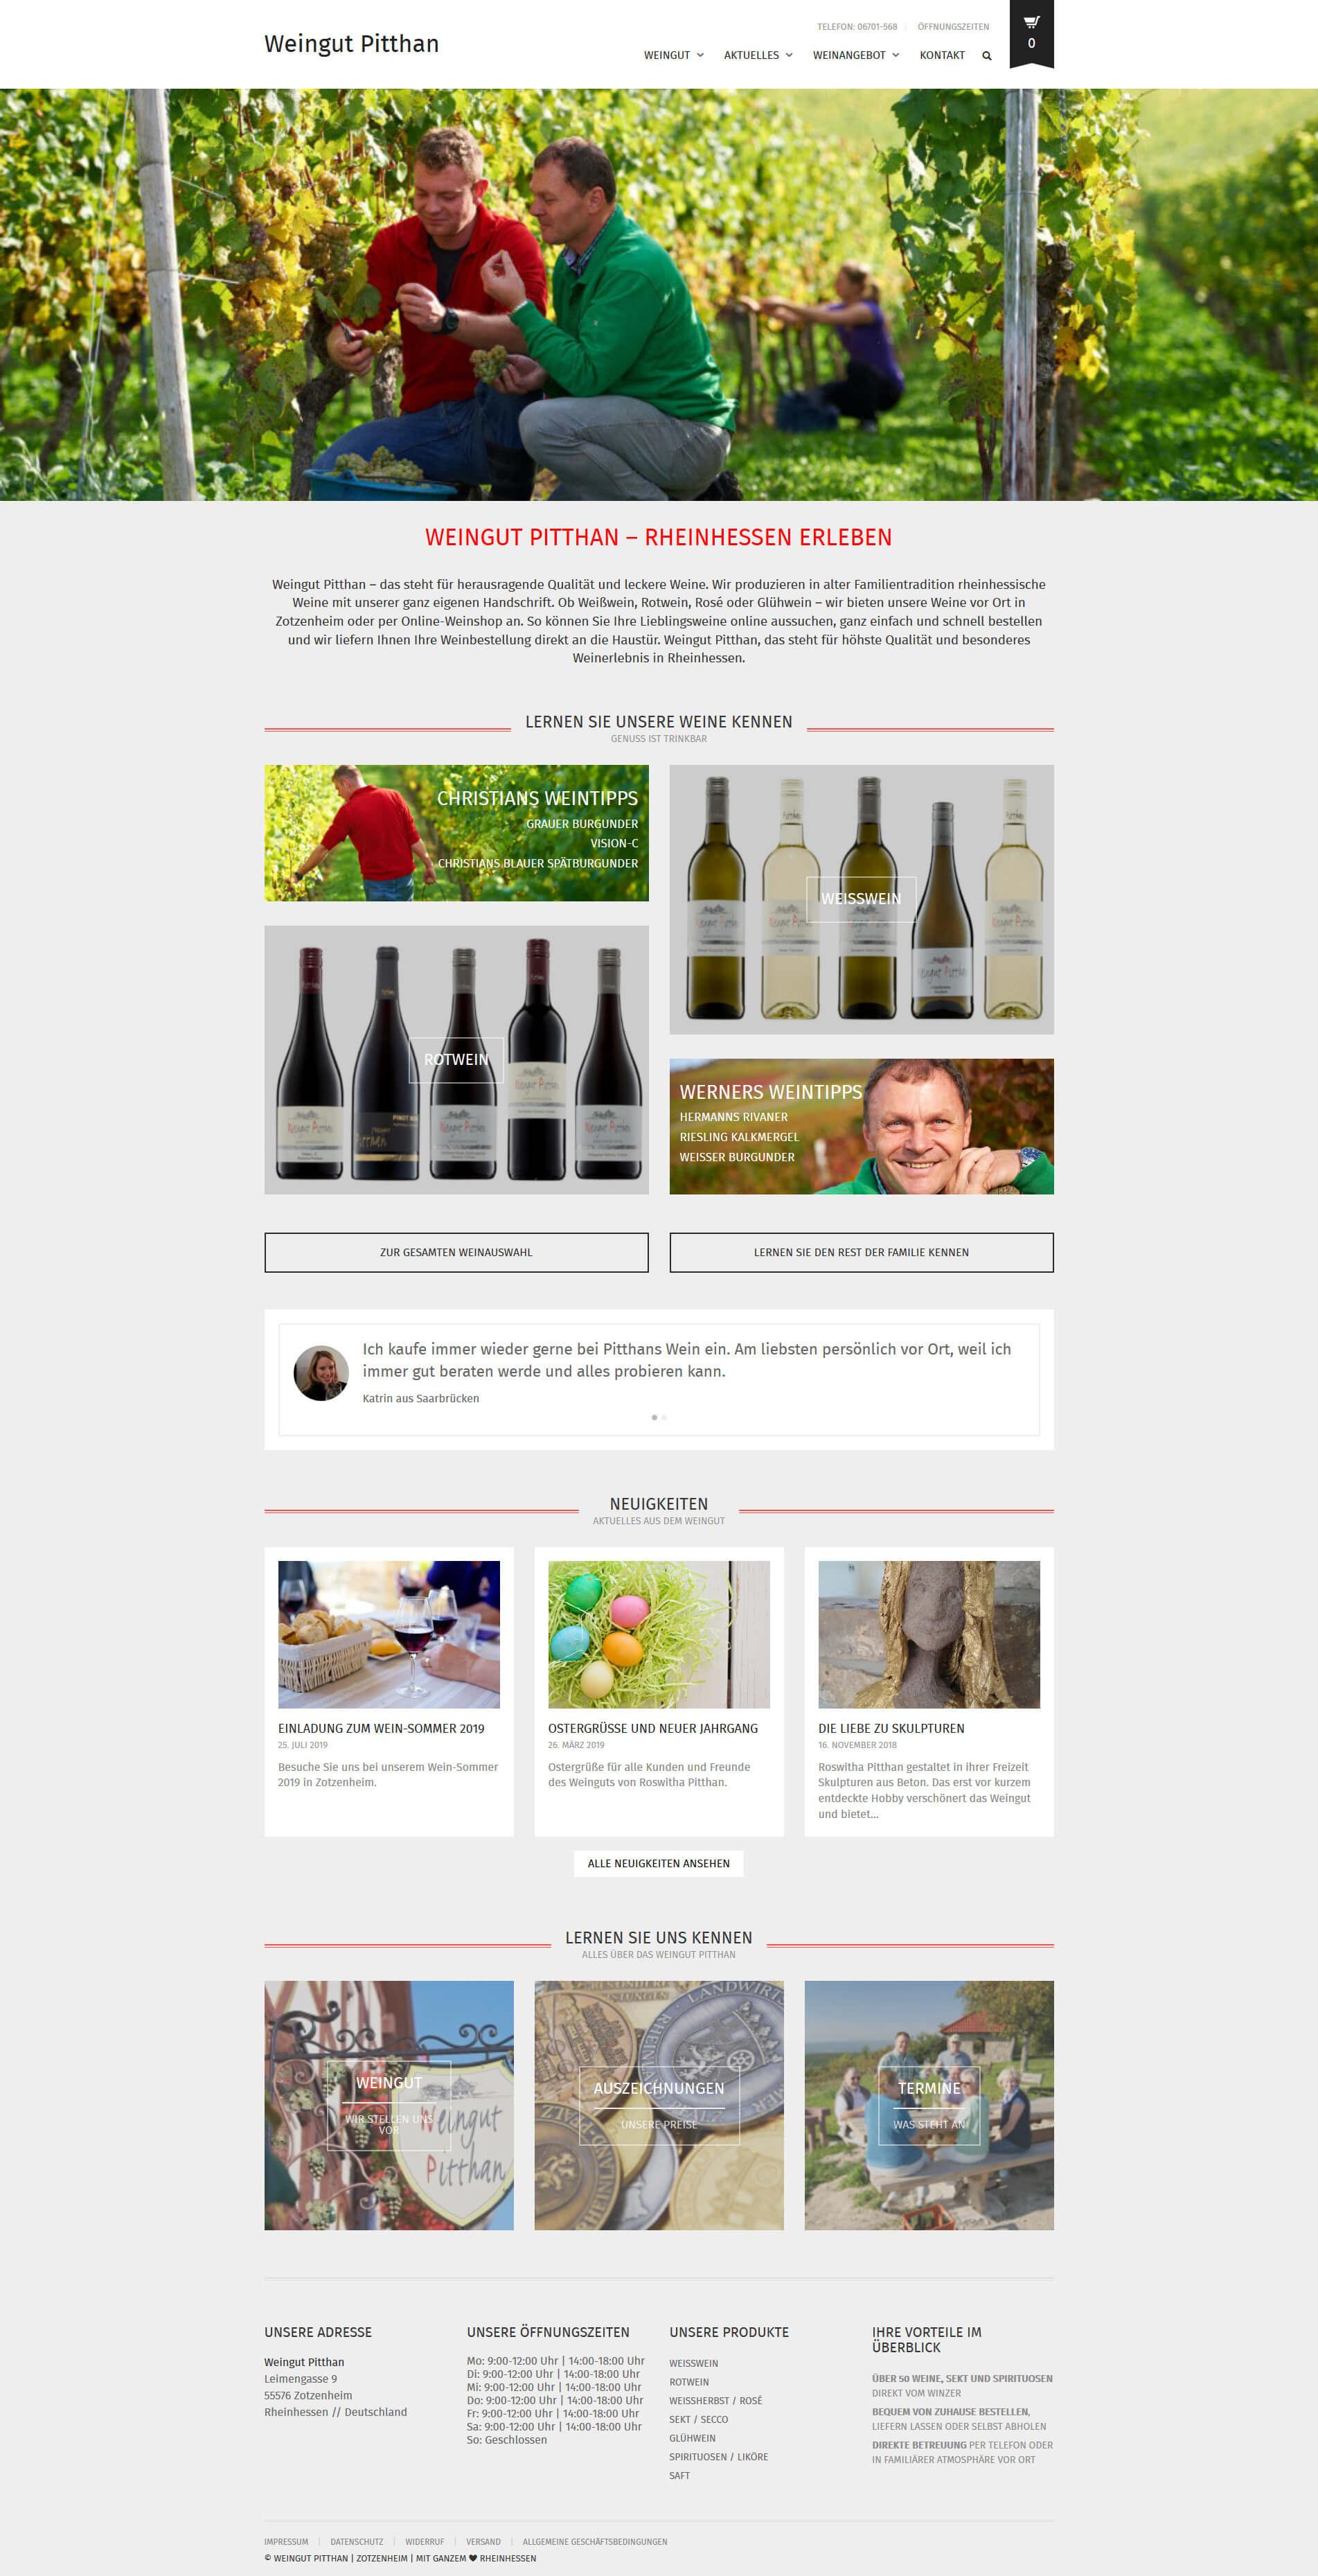 Homepage des Weingut Pitthans - martineich.de